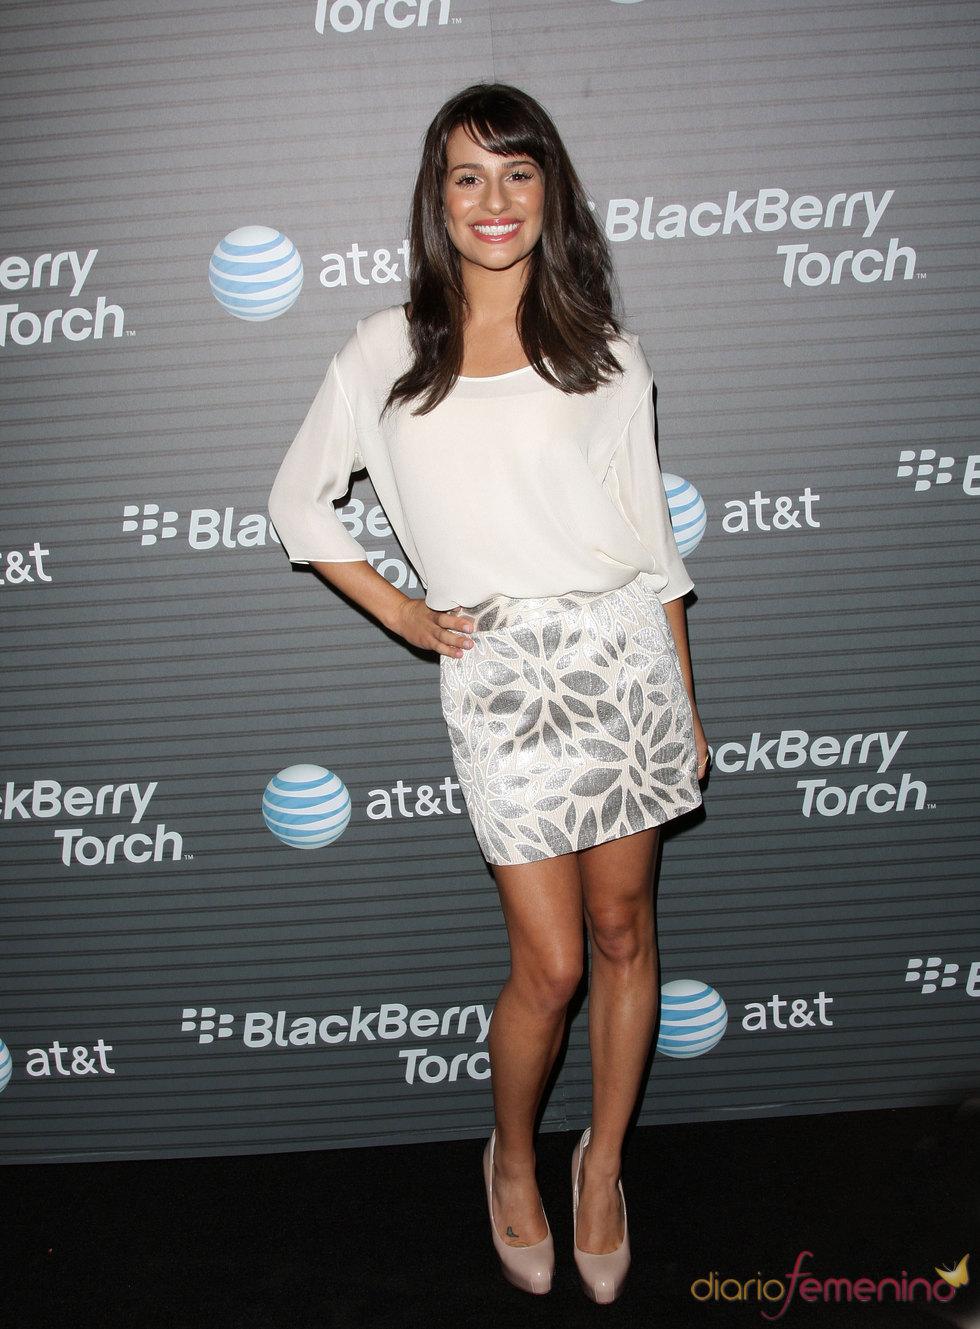 Lea Michele de Glee haciendo publicidad de la Blackberry